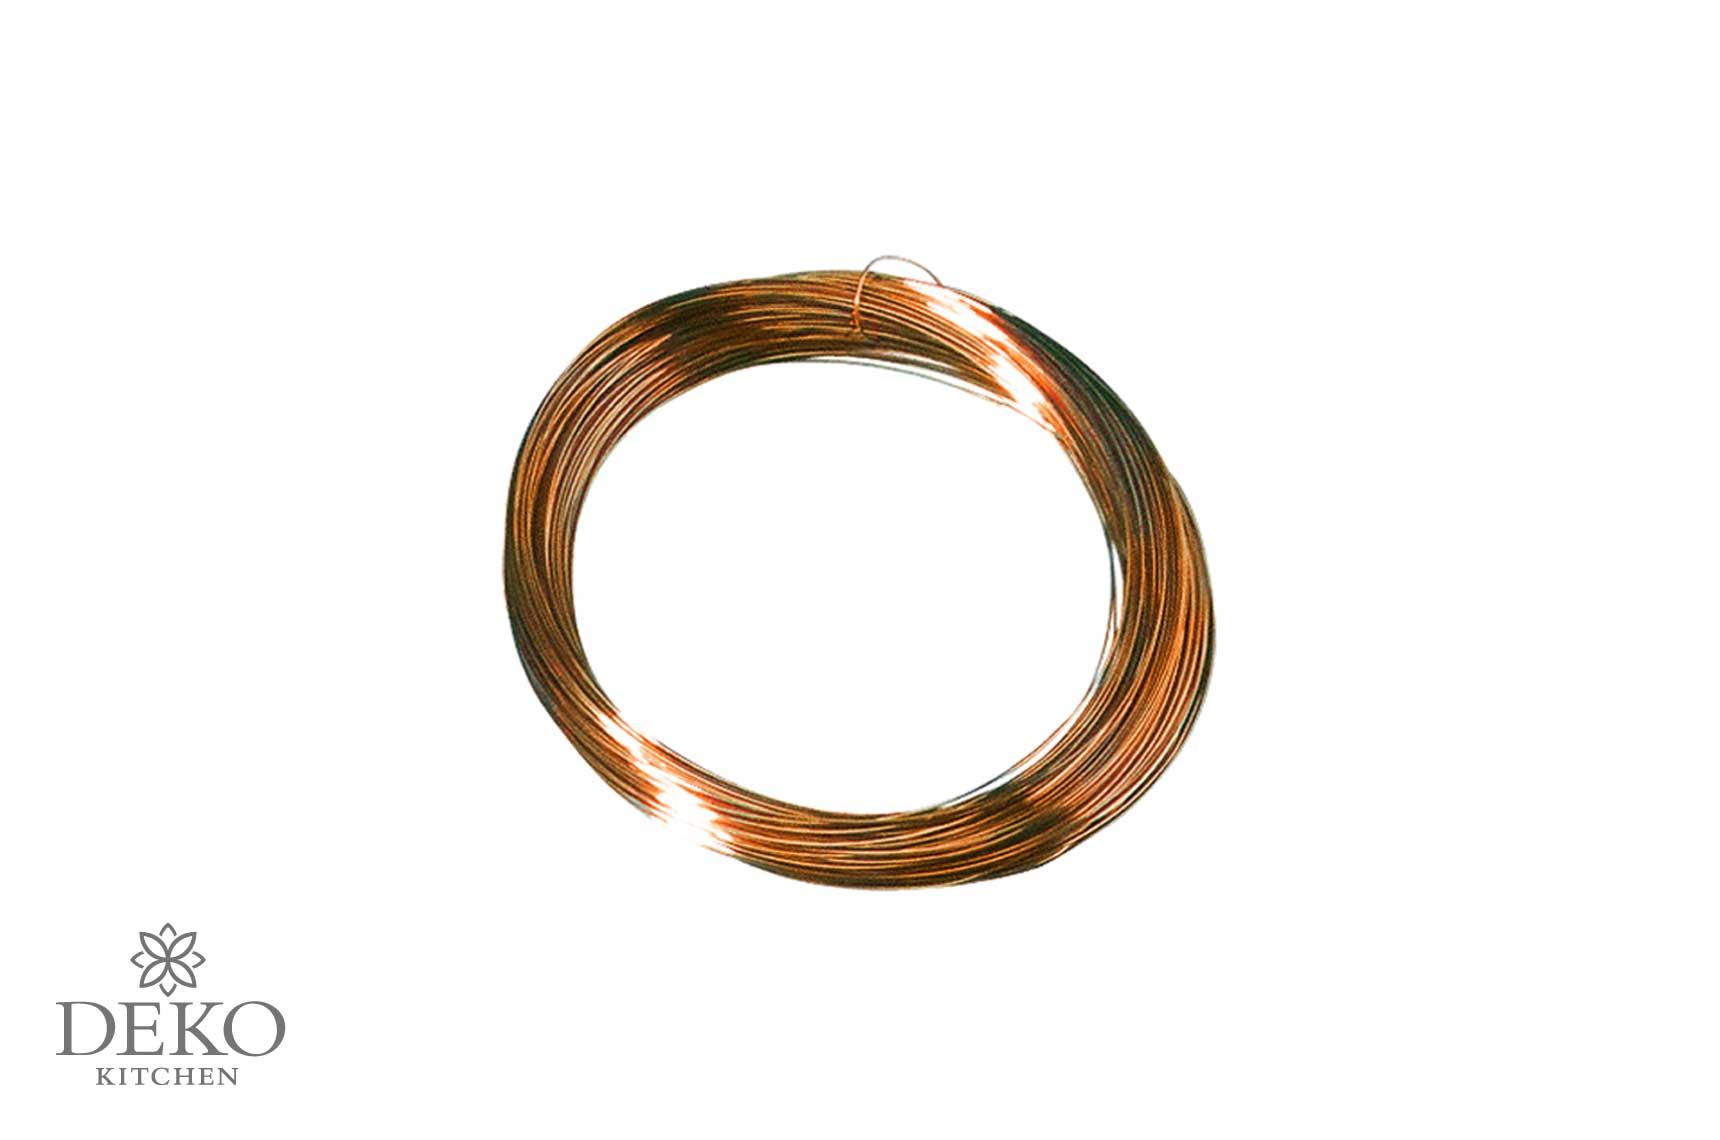 Kupferdraht, 0,4 mm, 20 m | Deko Kitchen Shop